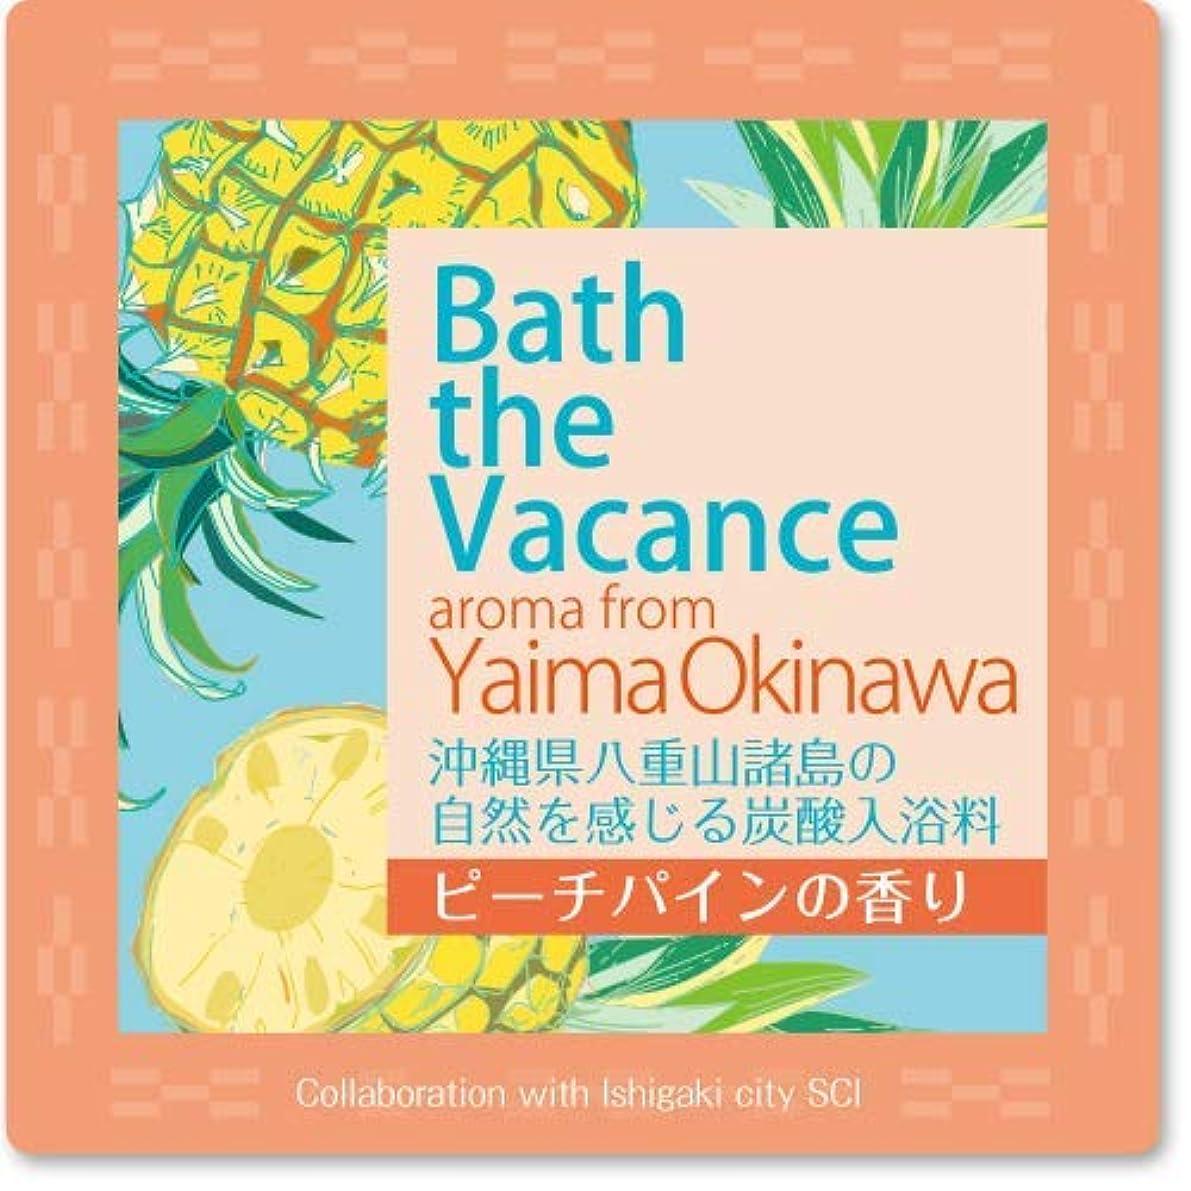 崇拝する呼吸入浴ピーチパインの香り 3袋セット